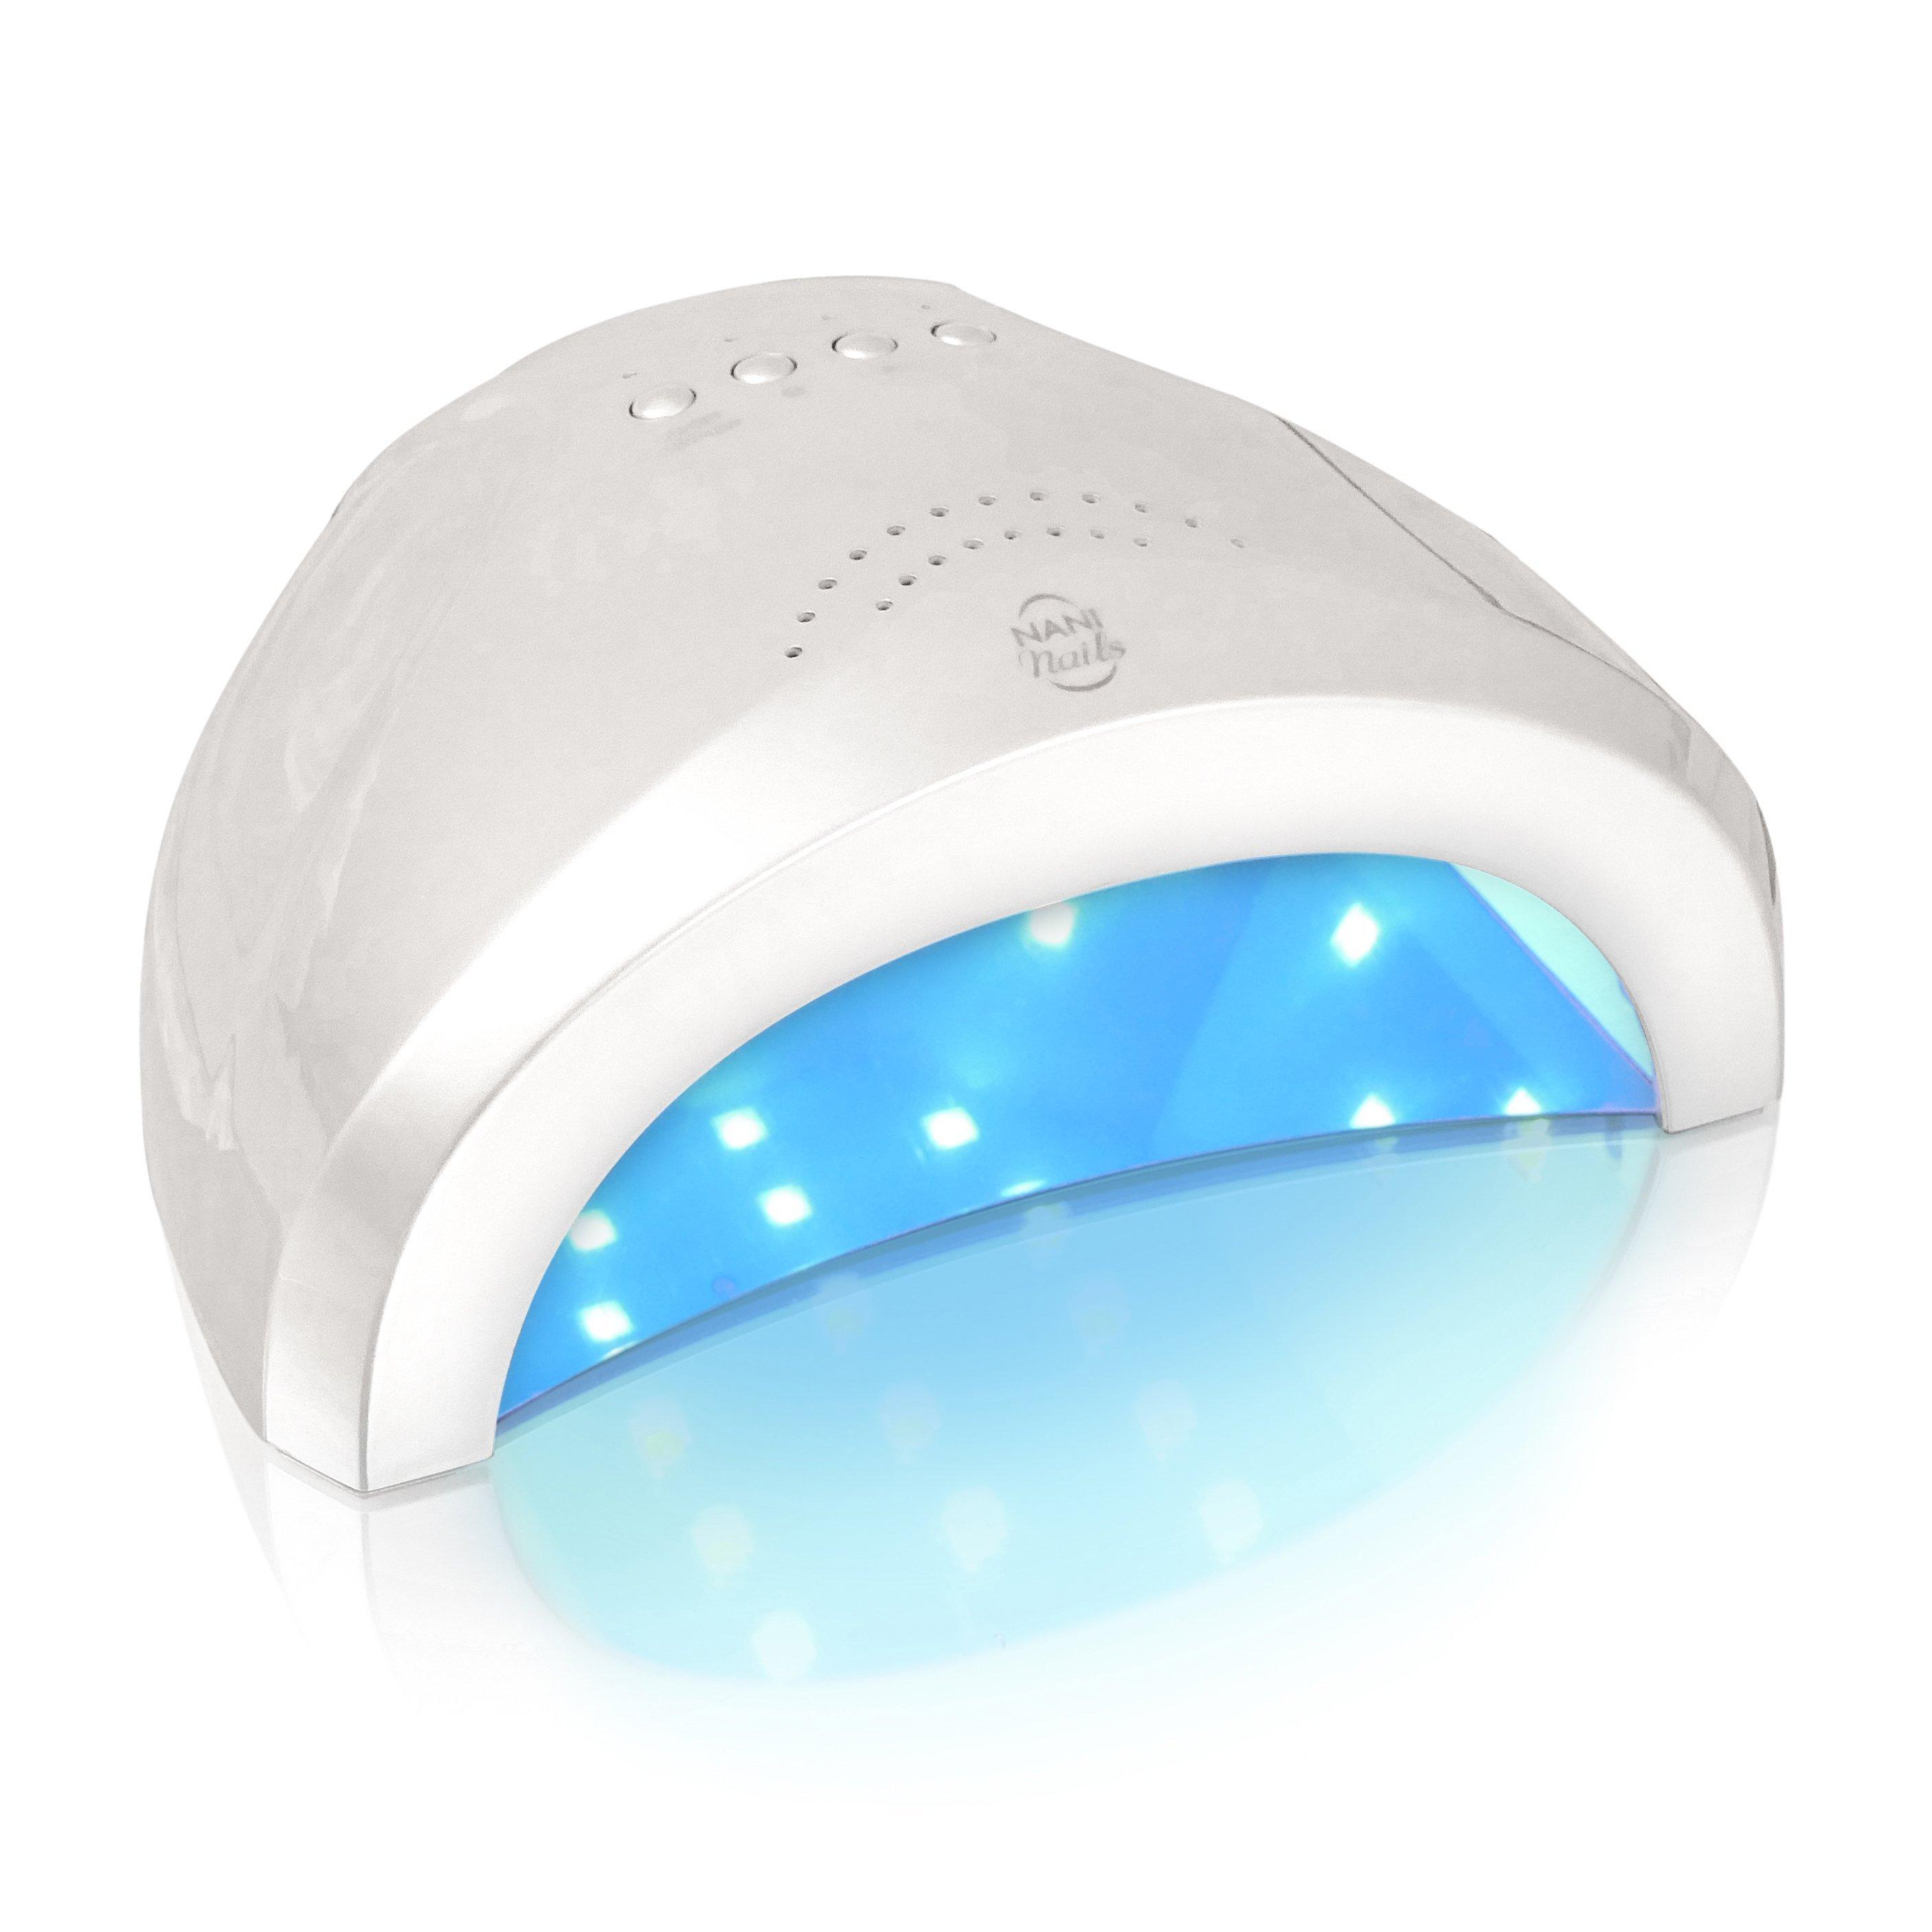 NANI UV/LED lampa 24/48 W - White